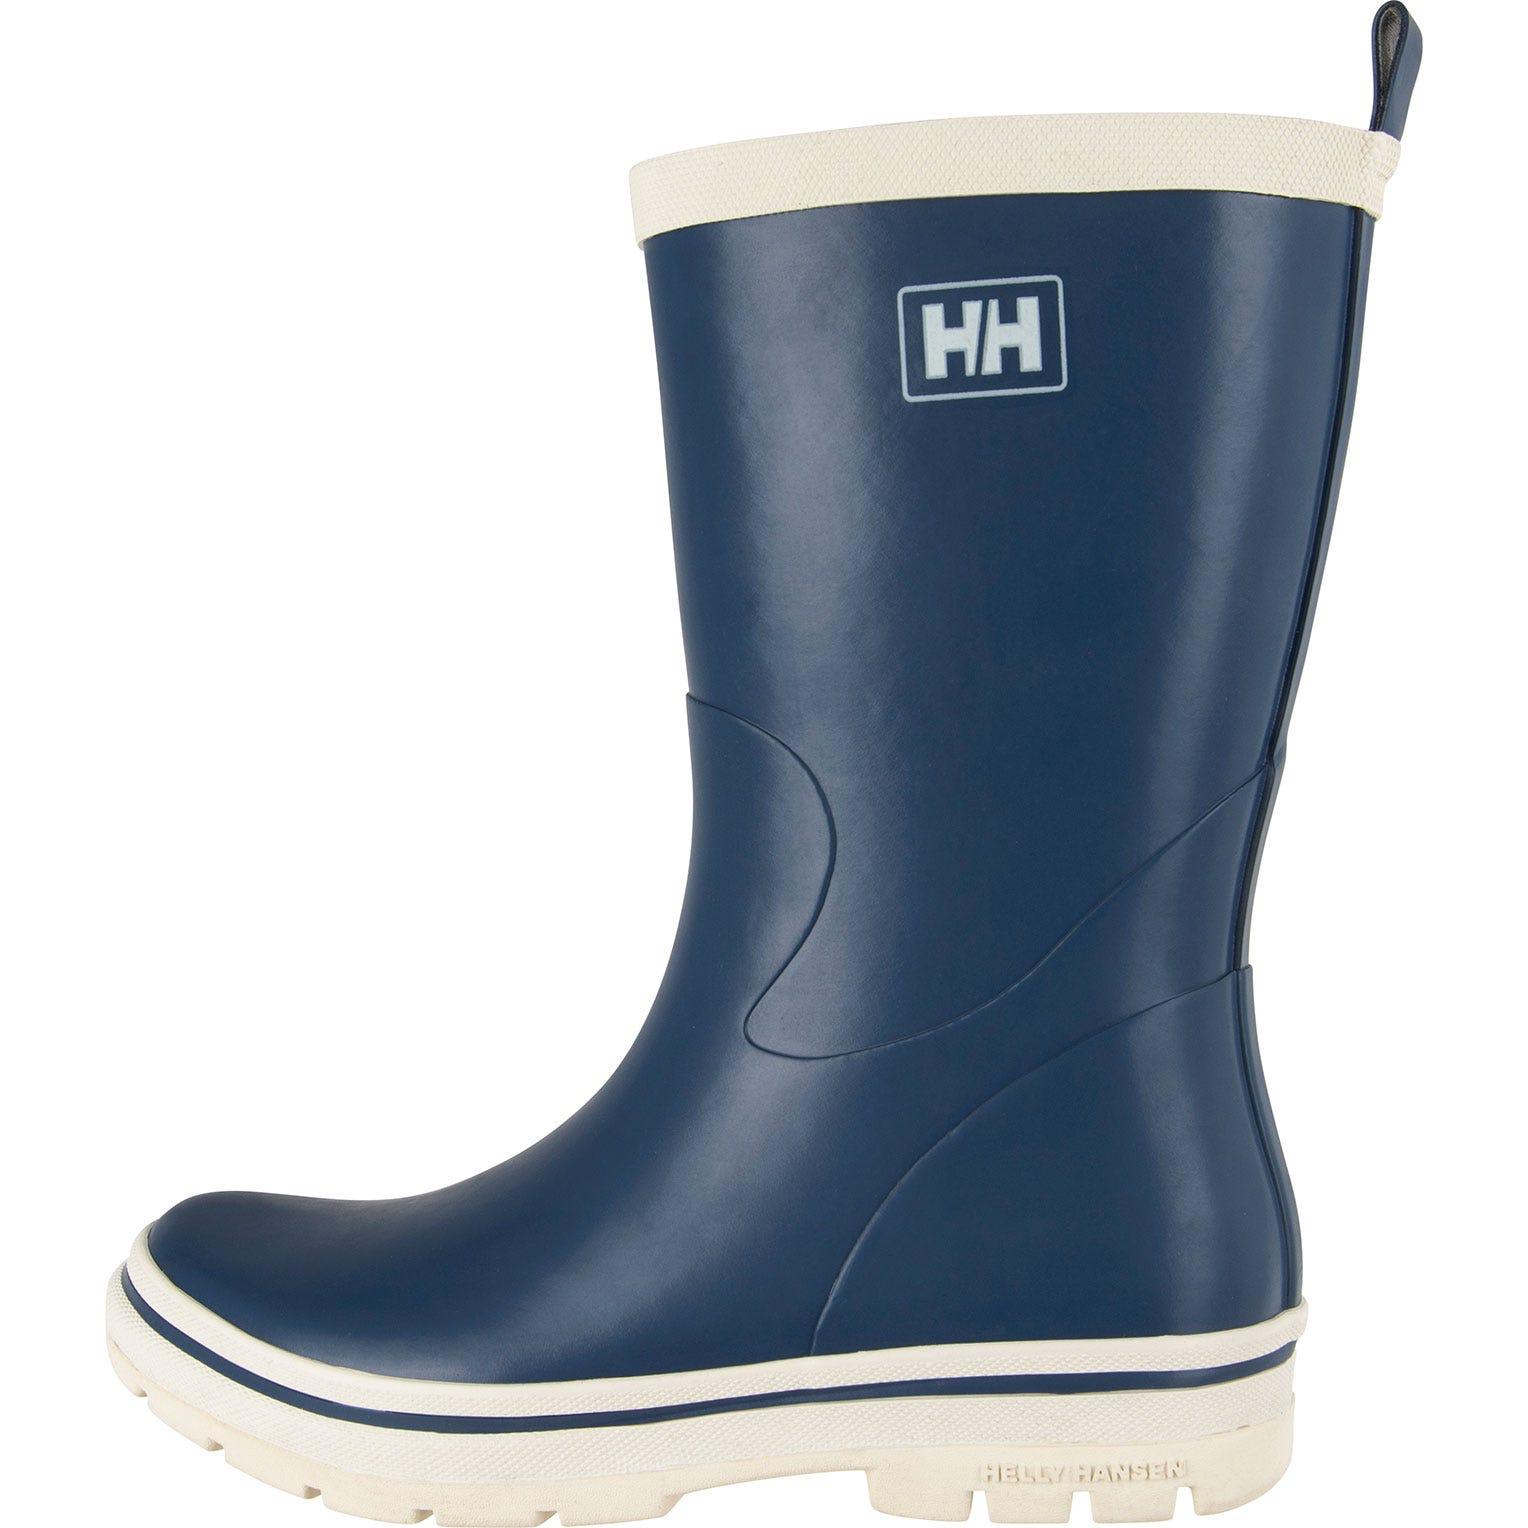 Helly Hansen W Midsund 2 Womens Rubber Boot Navy 35-36/5